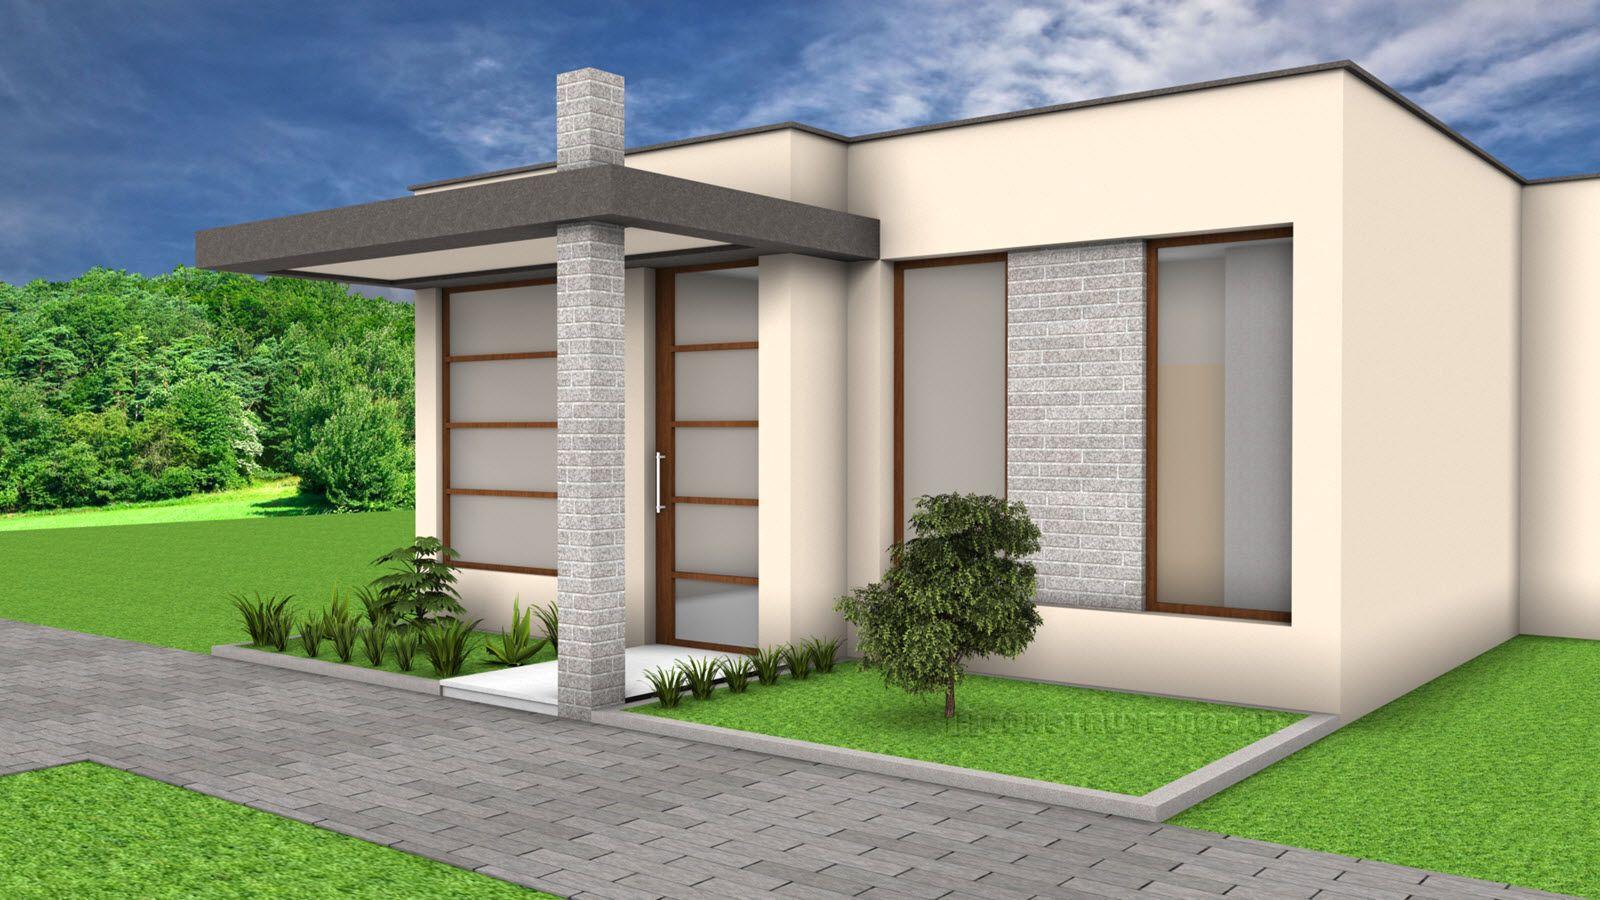 Idea De Diseno Casa Pequena Un Piso Casas Modernas Pequenas Marko - Diseo-de-fachadas-de-casas